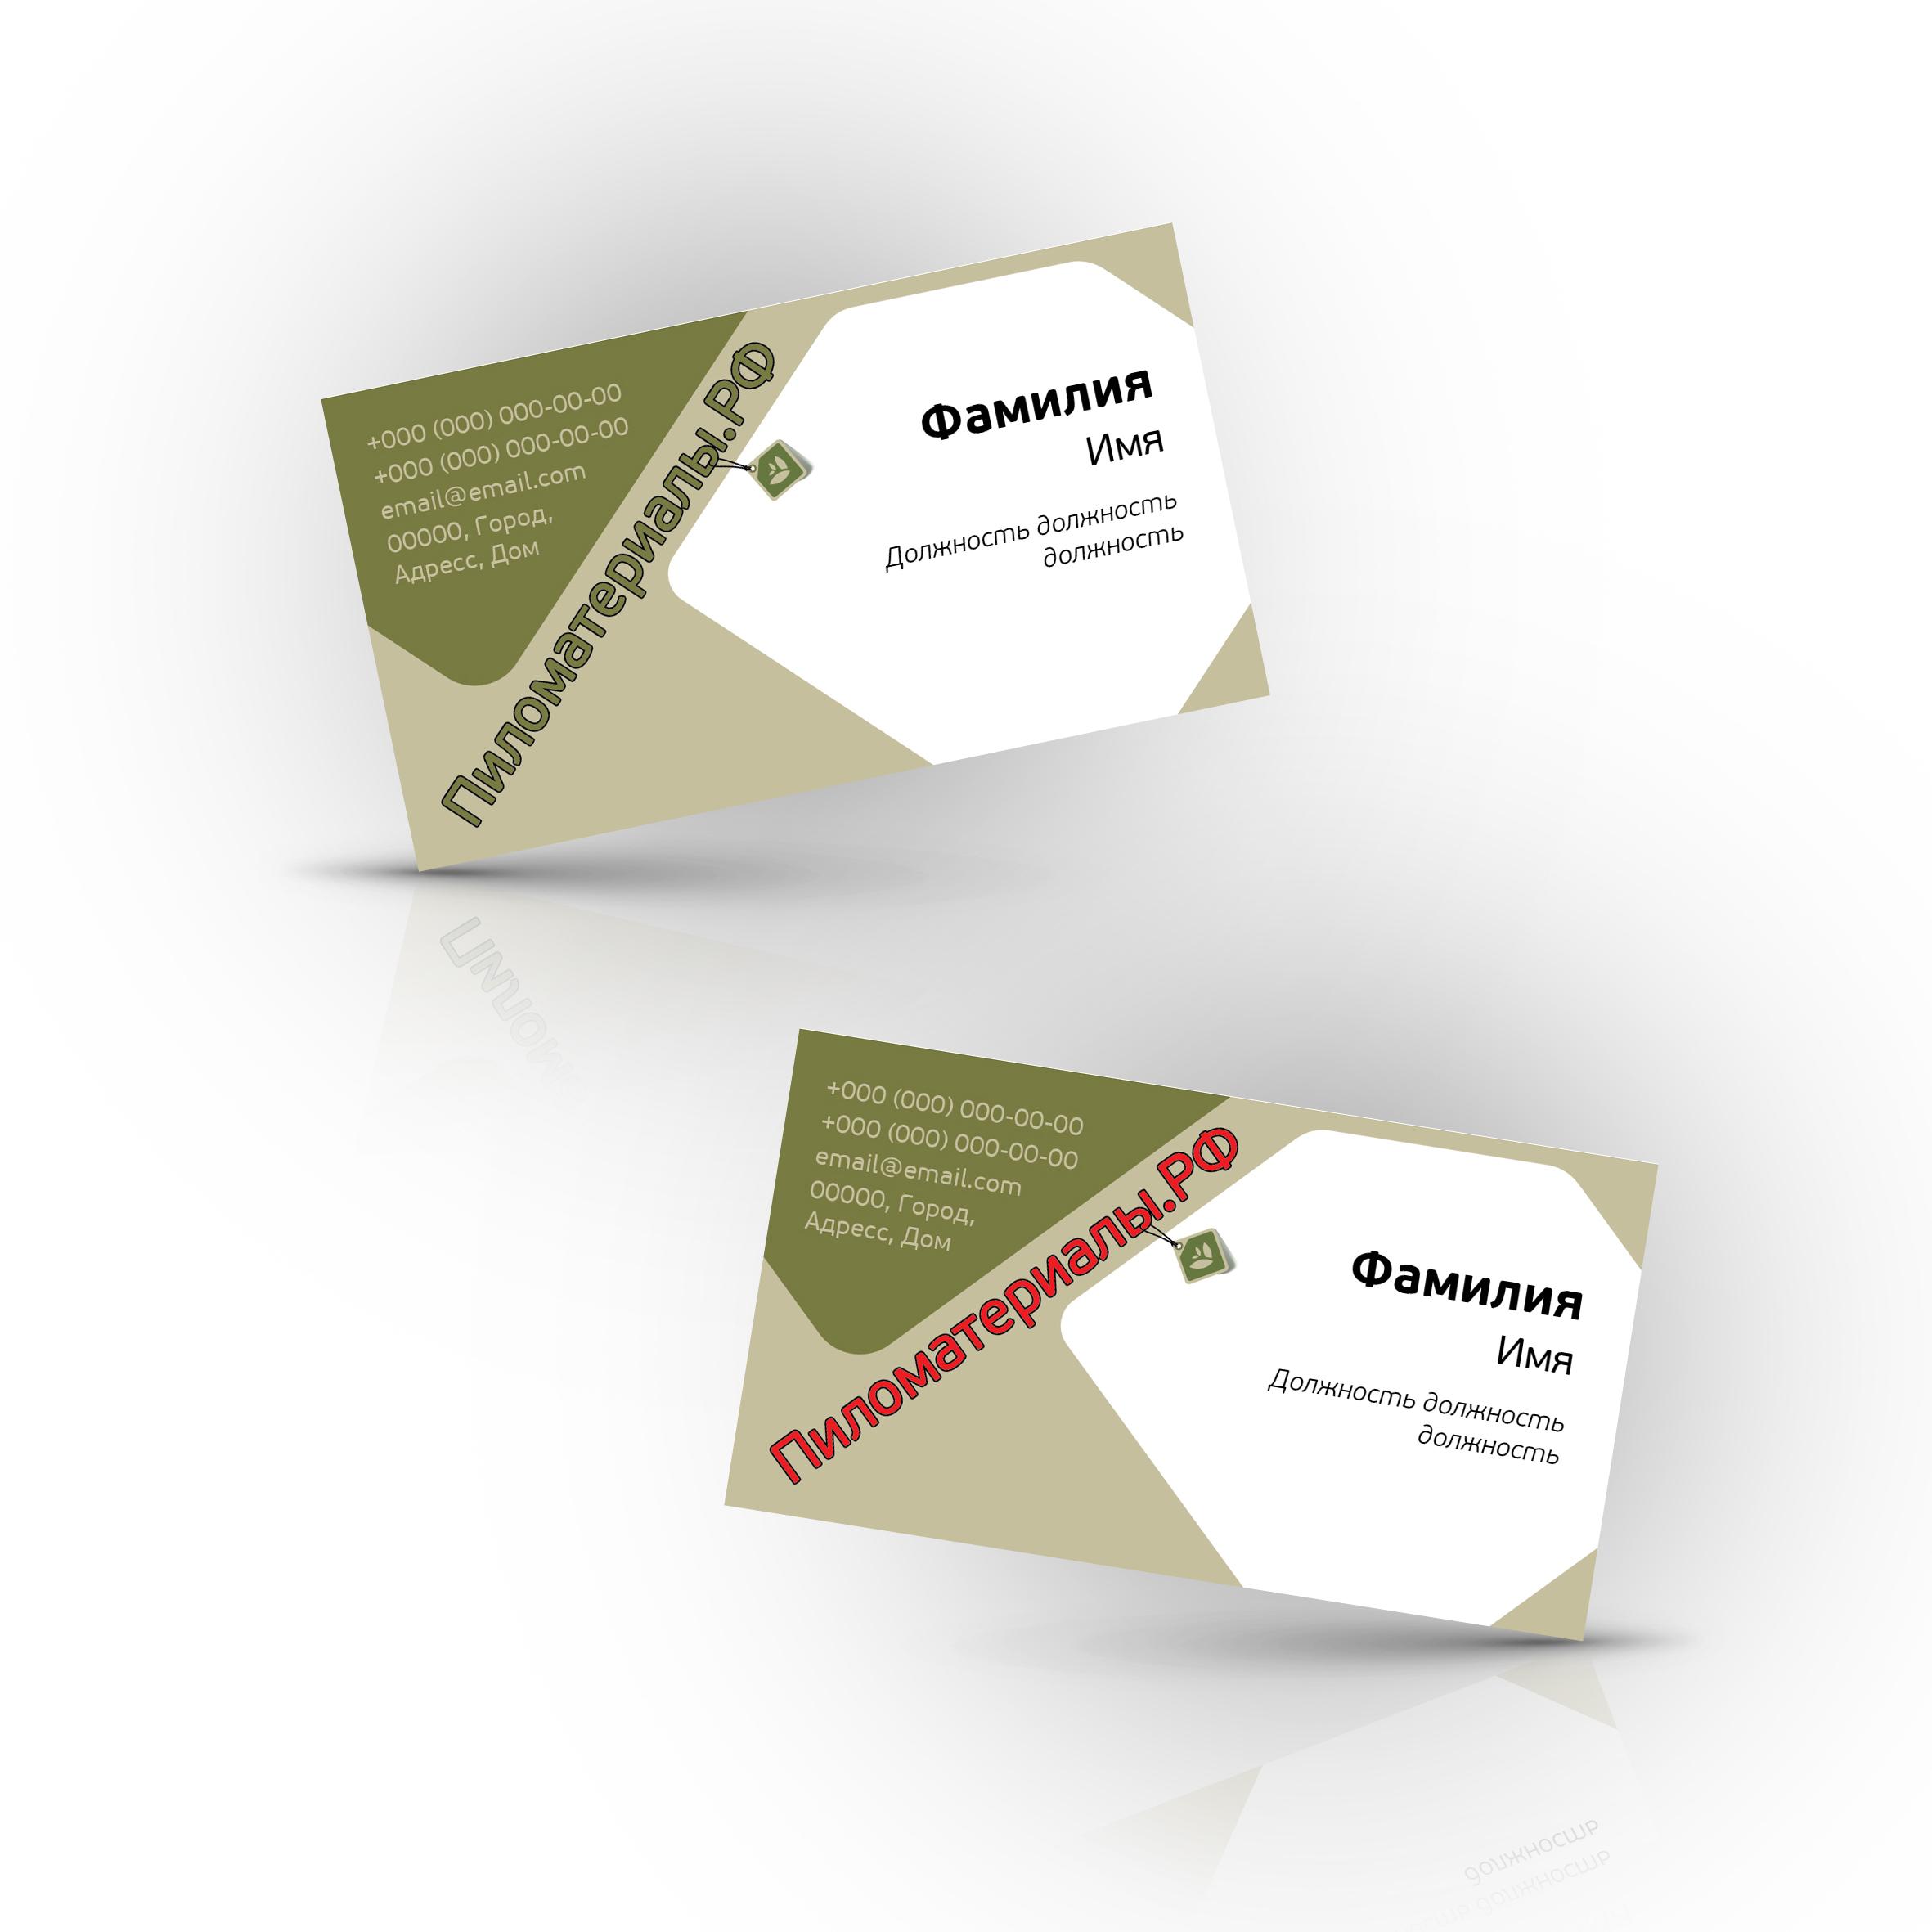 """Создание логотипа и фирменного стиля """"Пиломатериалы.РФ"""" фото f_44652fa459c46418.jpg"""